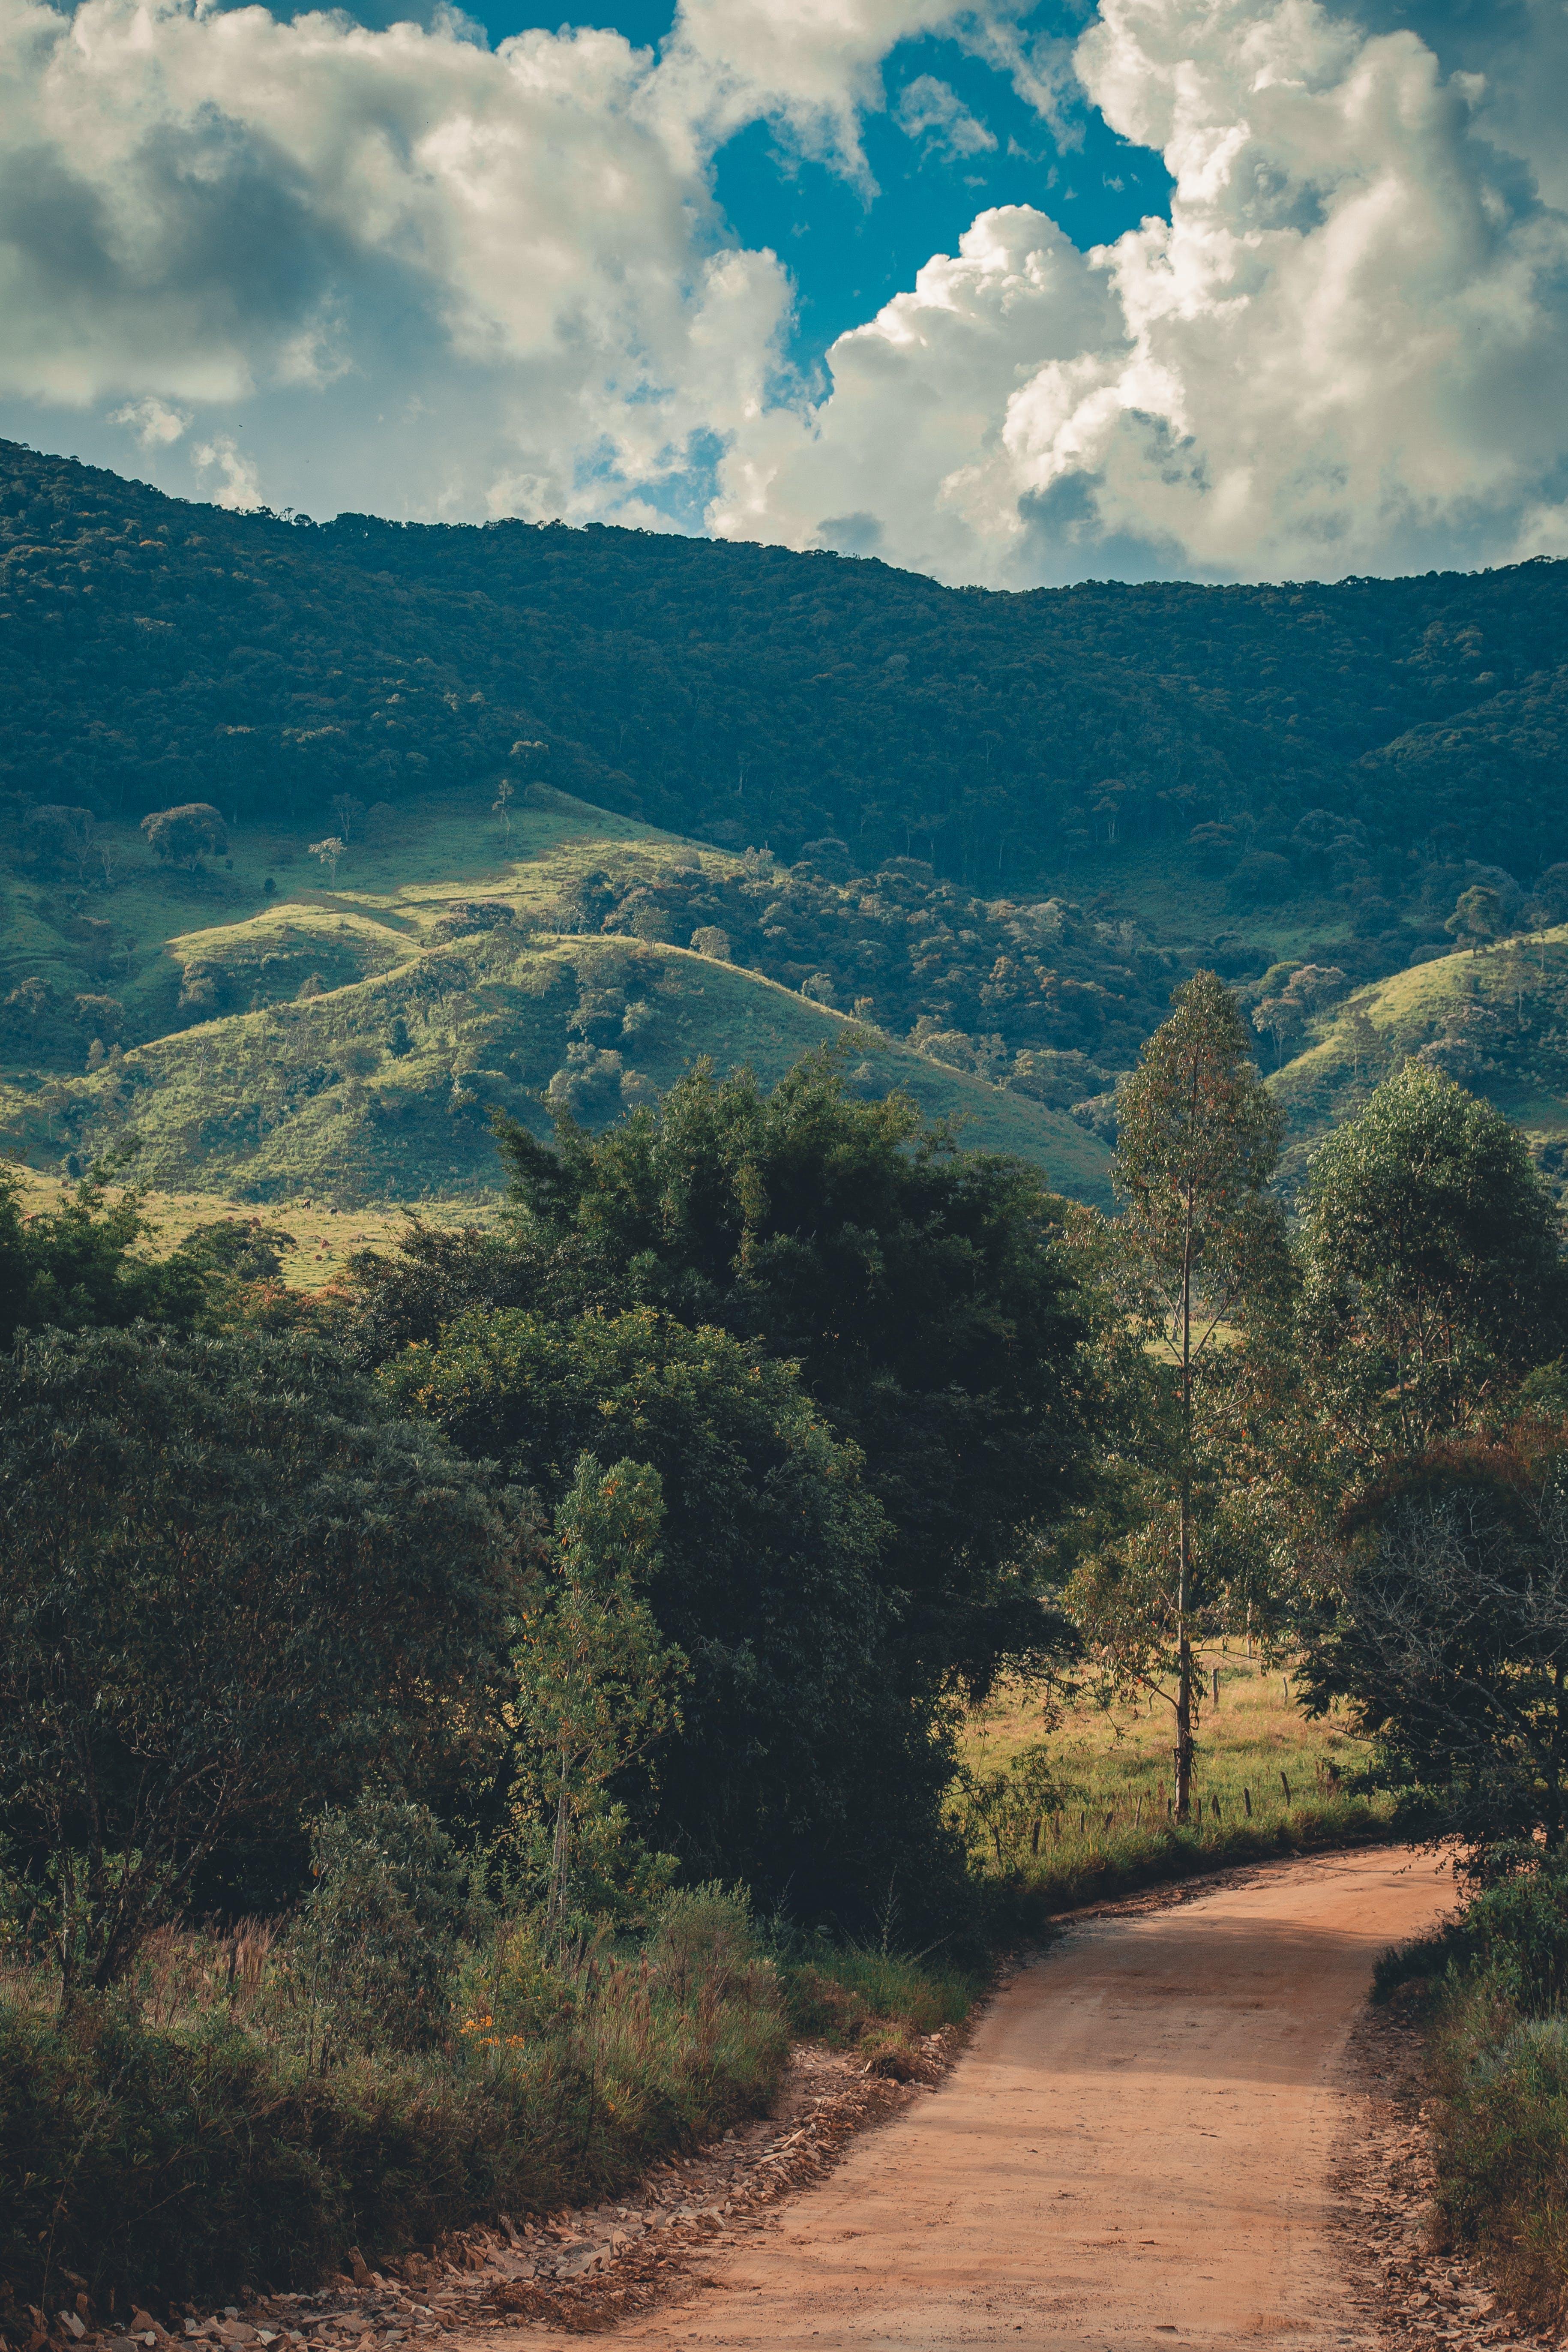 Δωρεάν στοκ φωτογραφιών με αγροτικός, βουνό, γραφικός, δέντρα